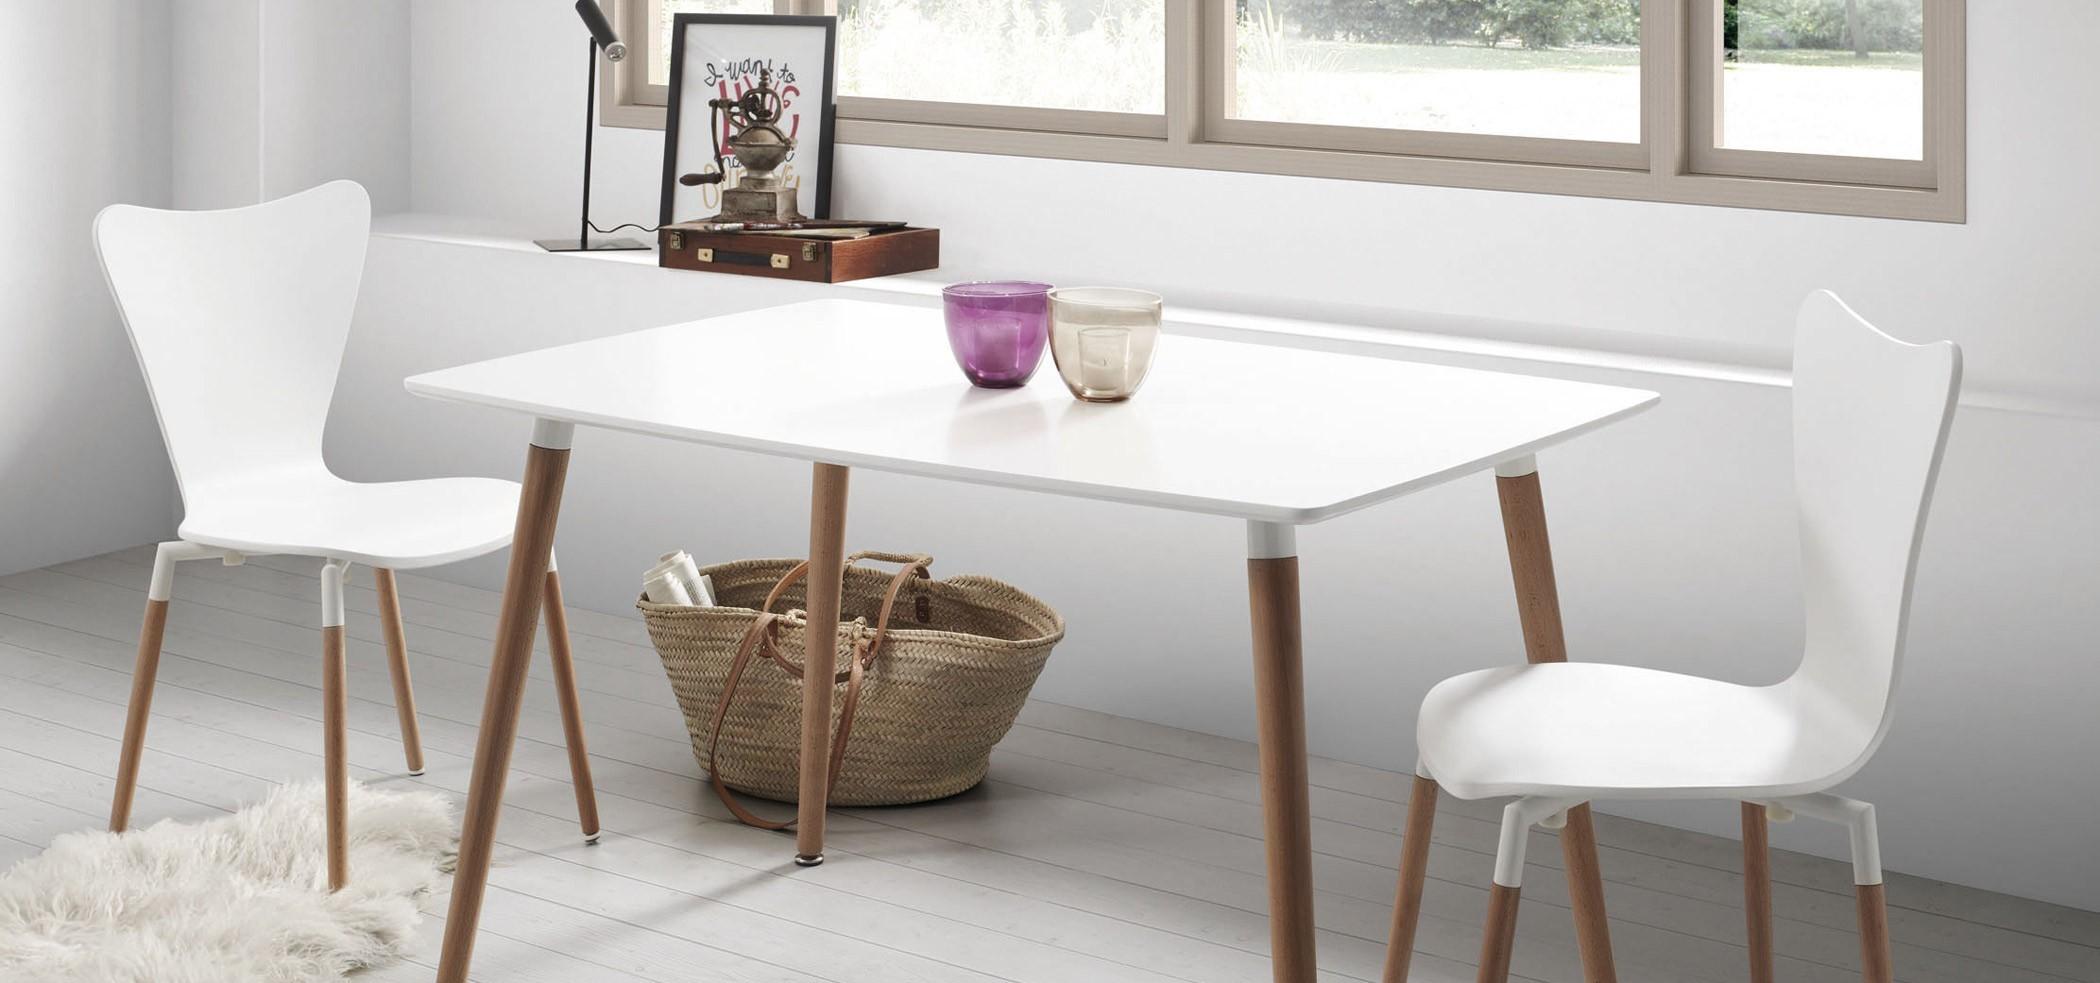 Tavolino soggiorno bianco : Voffca.com consolle tavolo mondo convenienza